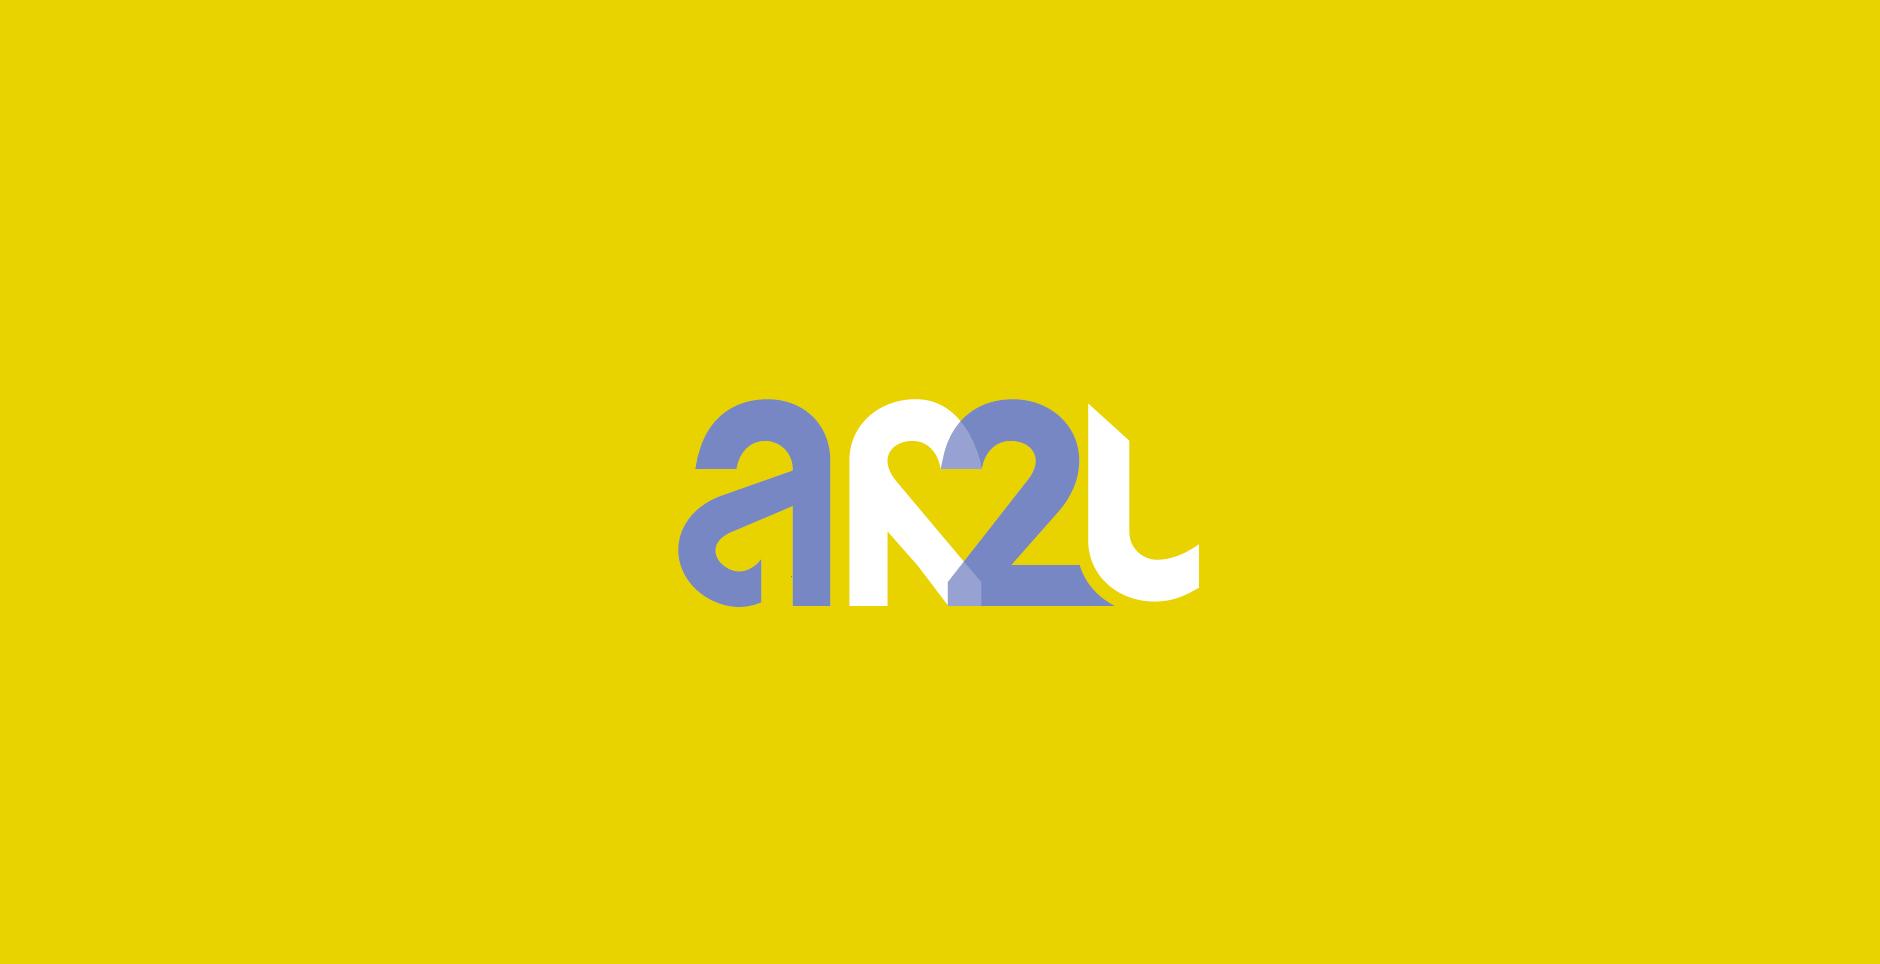 logotype, identité visuelle, branding, Amiens, Hauts de France, culture